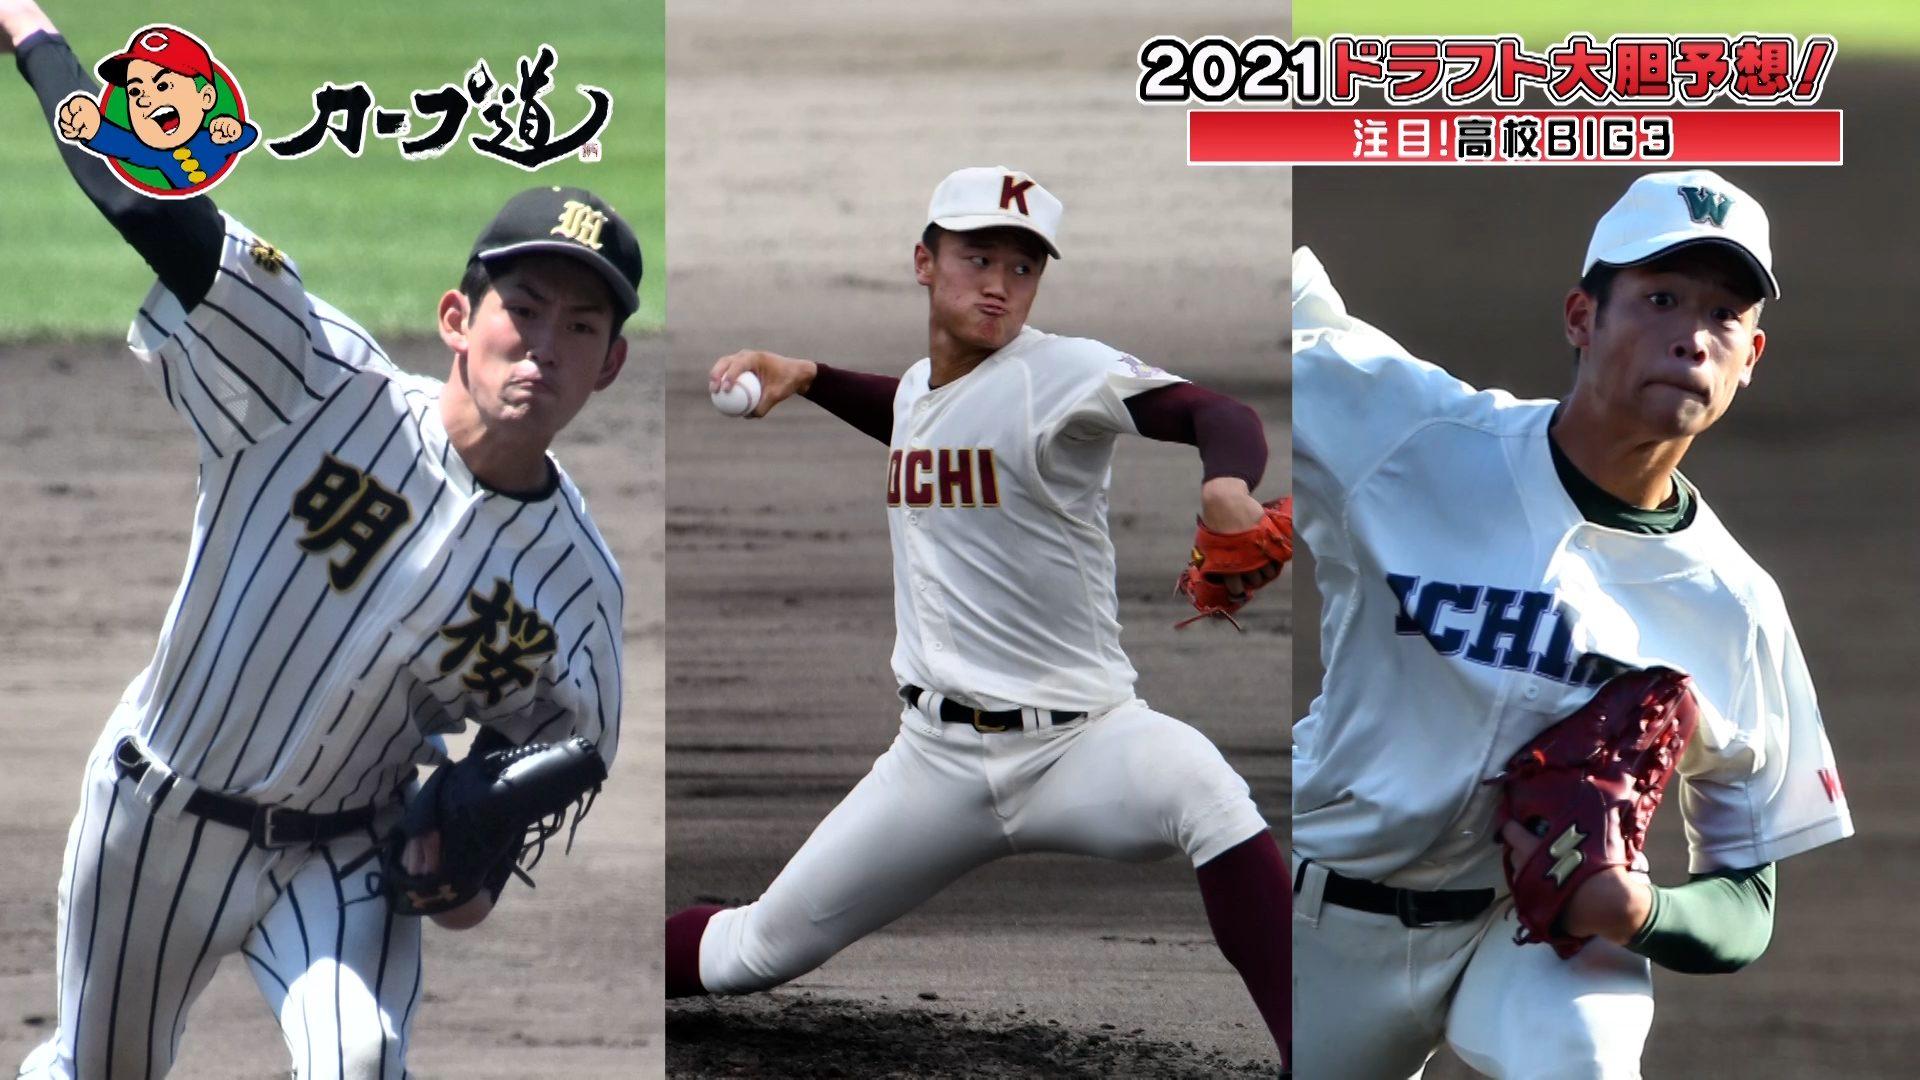 (左)明桜高校・風間球打投手 (中)高知高校・森木大智投手 (右)市立和歌山高校・小園健太投手